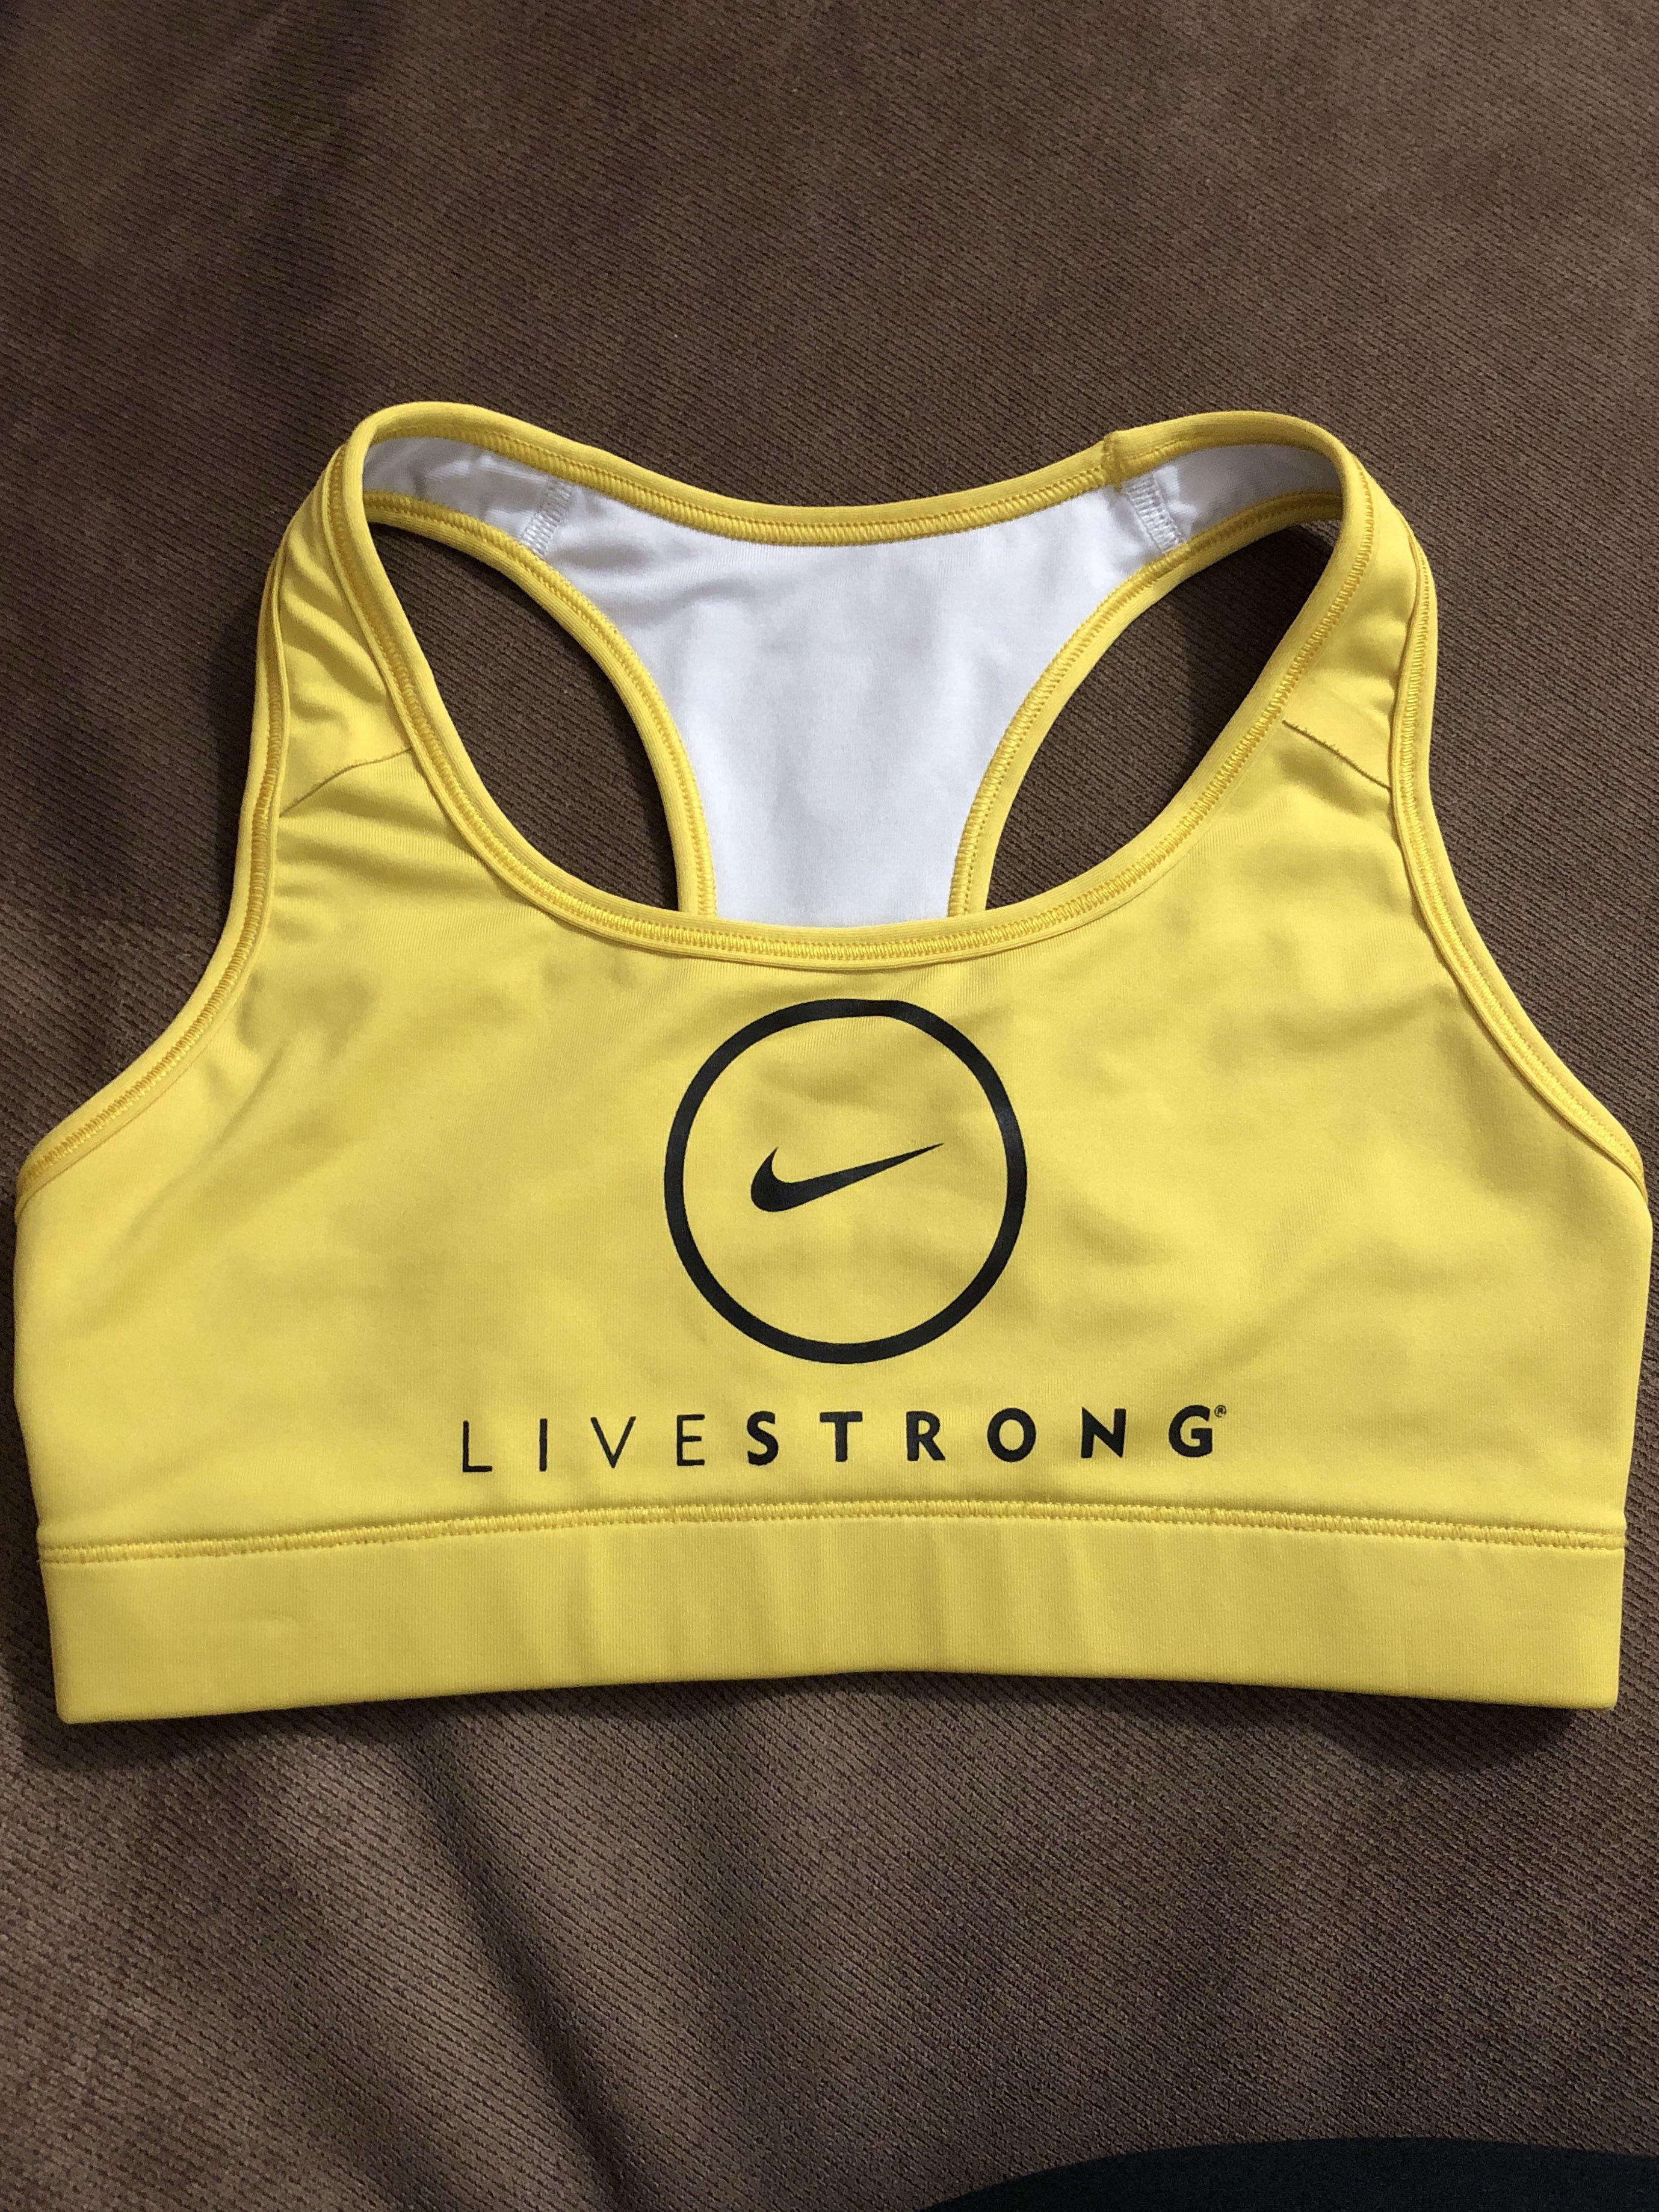 Authentic Nike Sports Bra